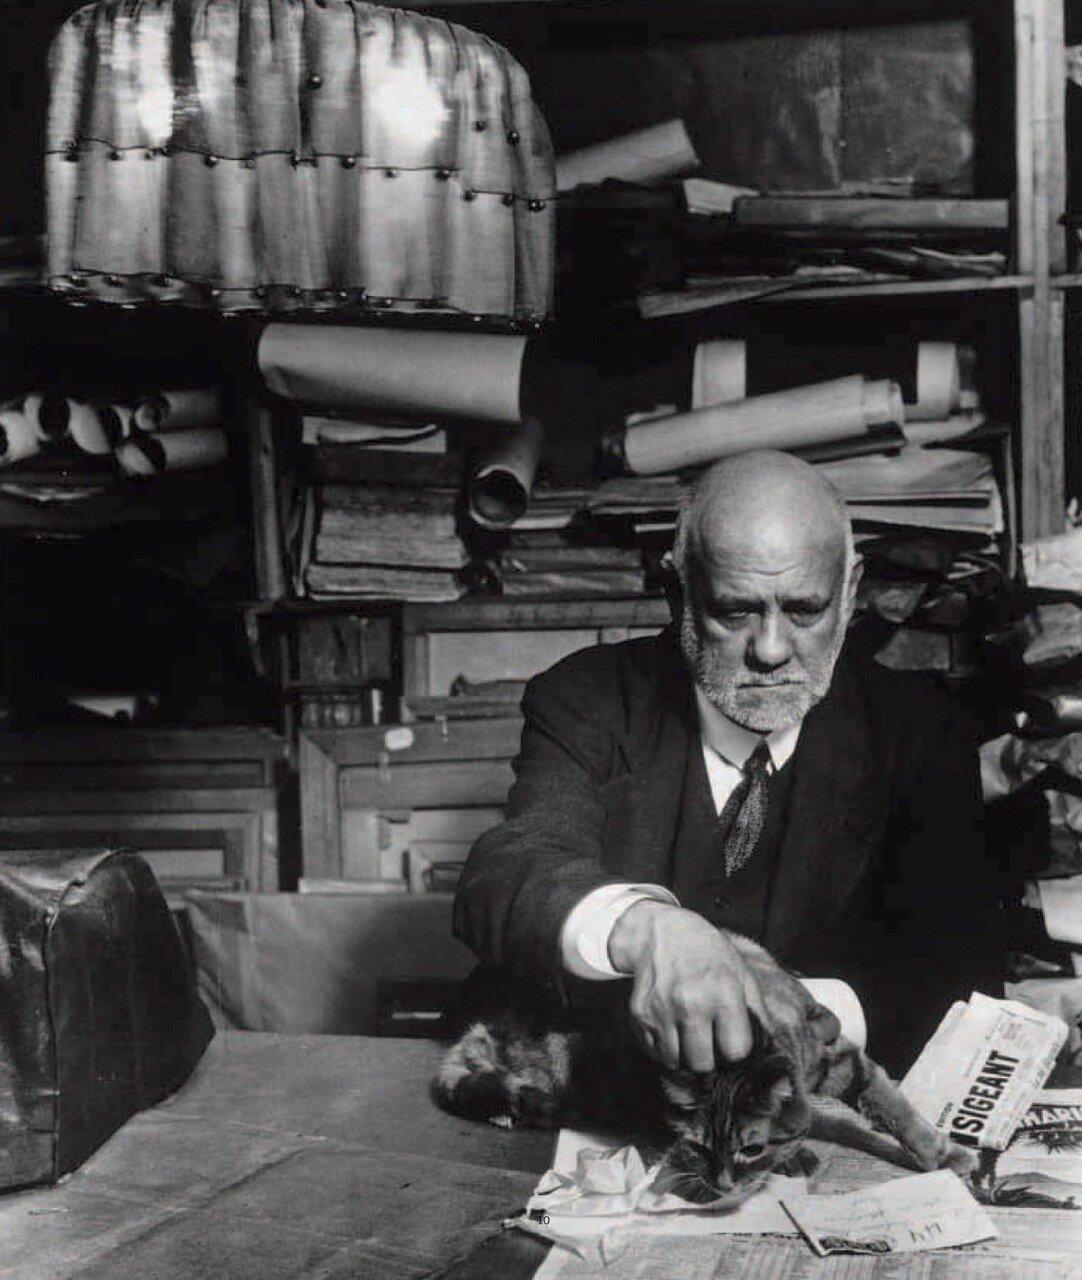 1934. Амбруаз Воллар в своем кабинете с кошкой